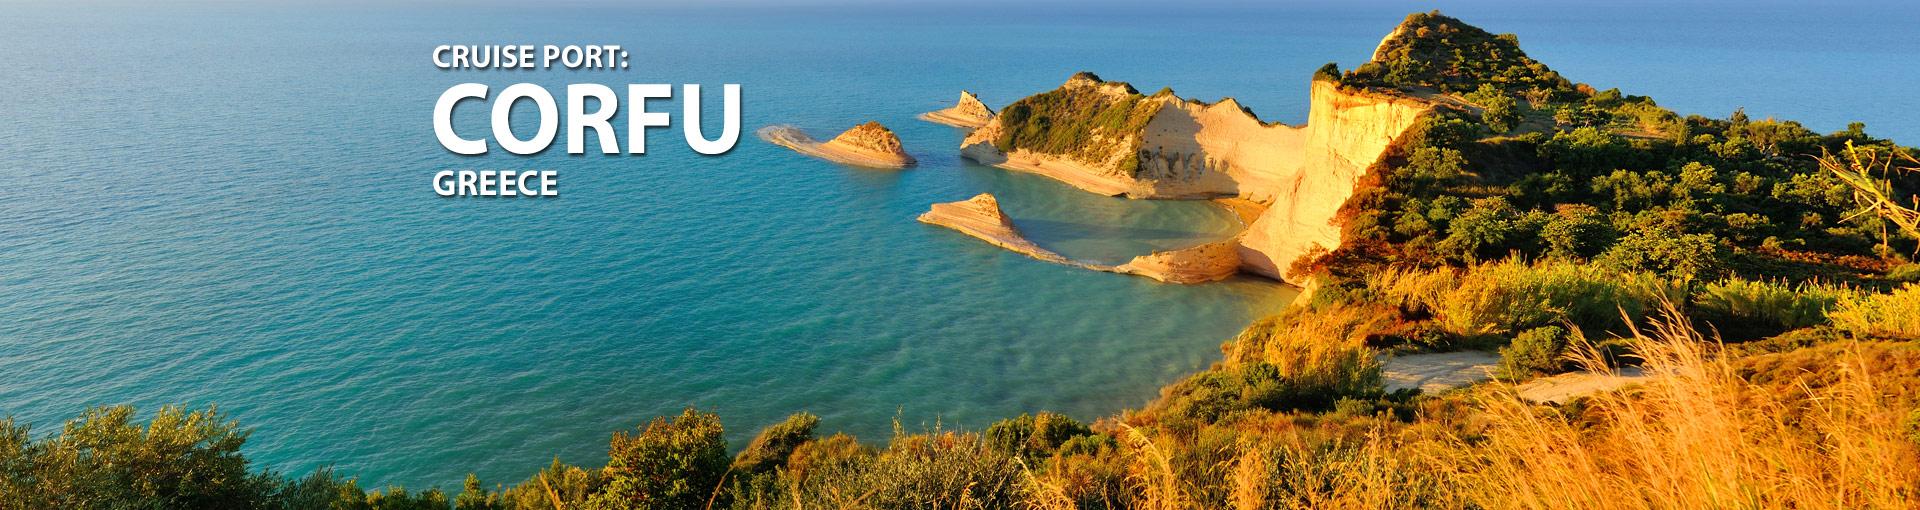 Cruises from Corfu, Greece